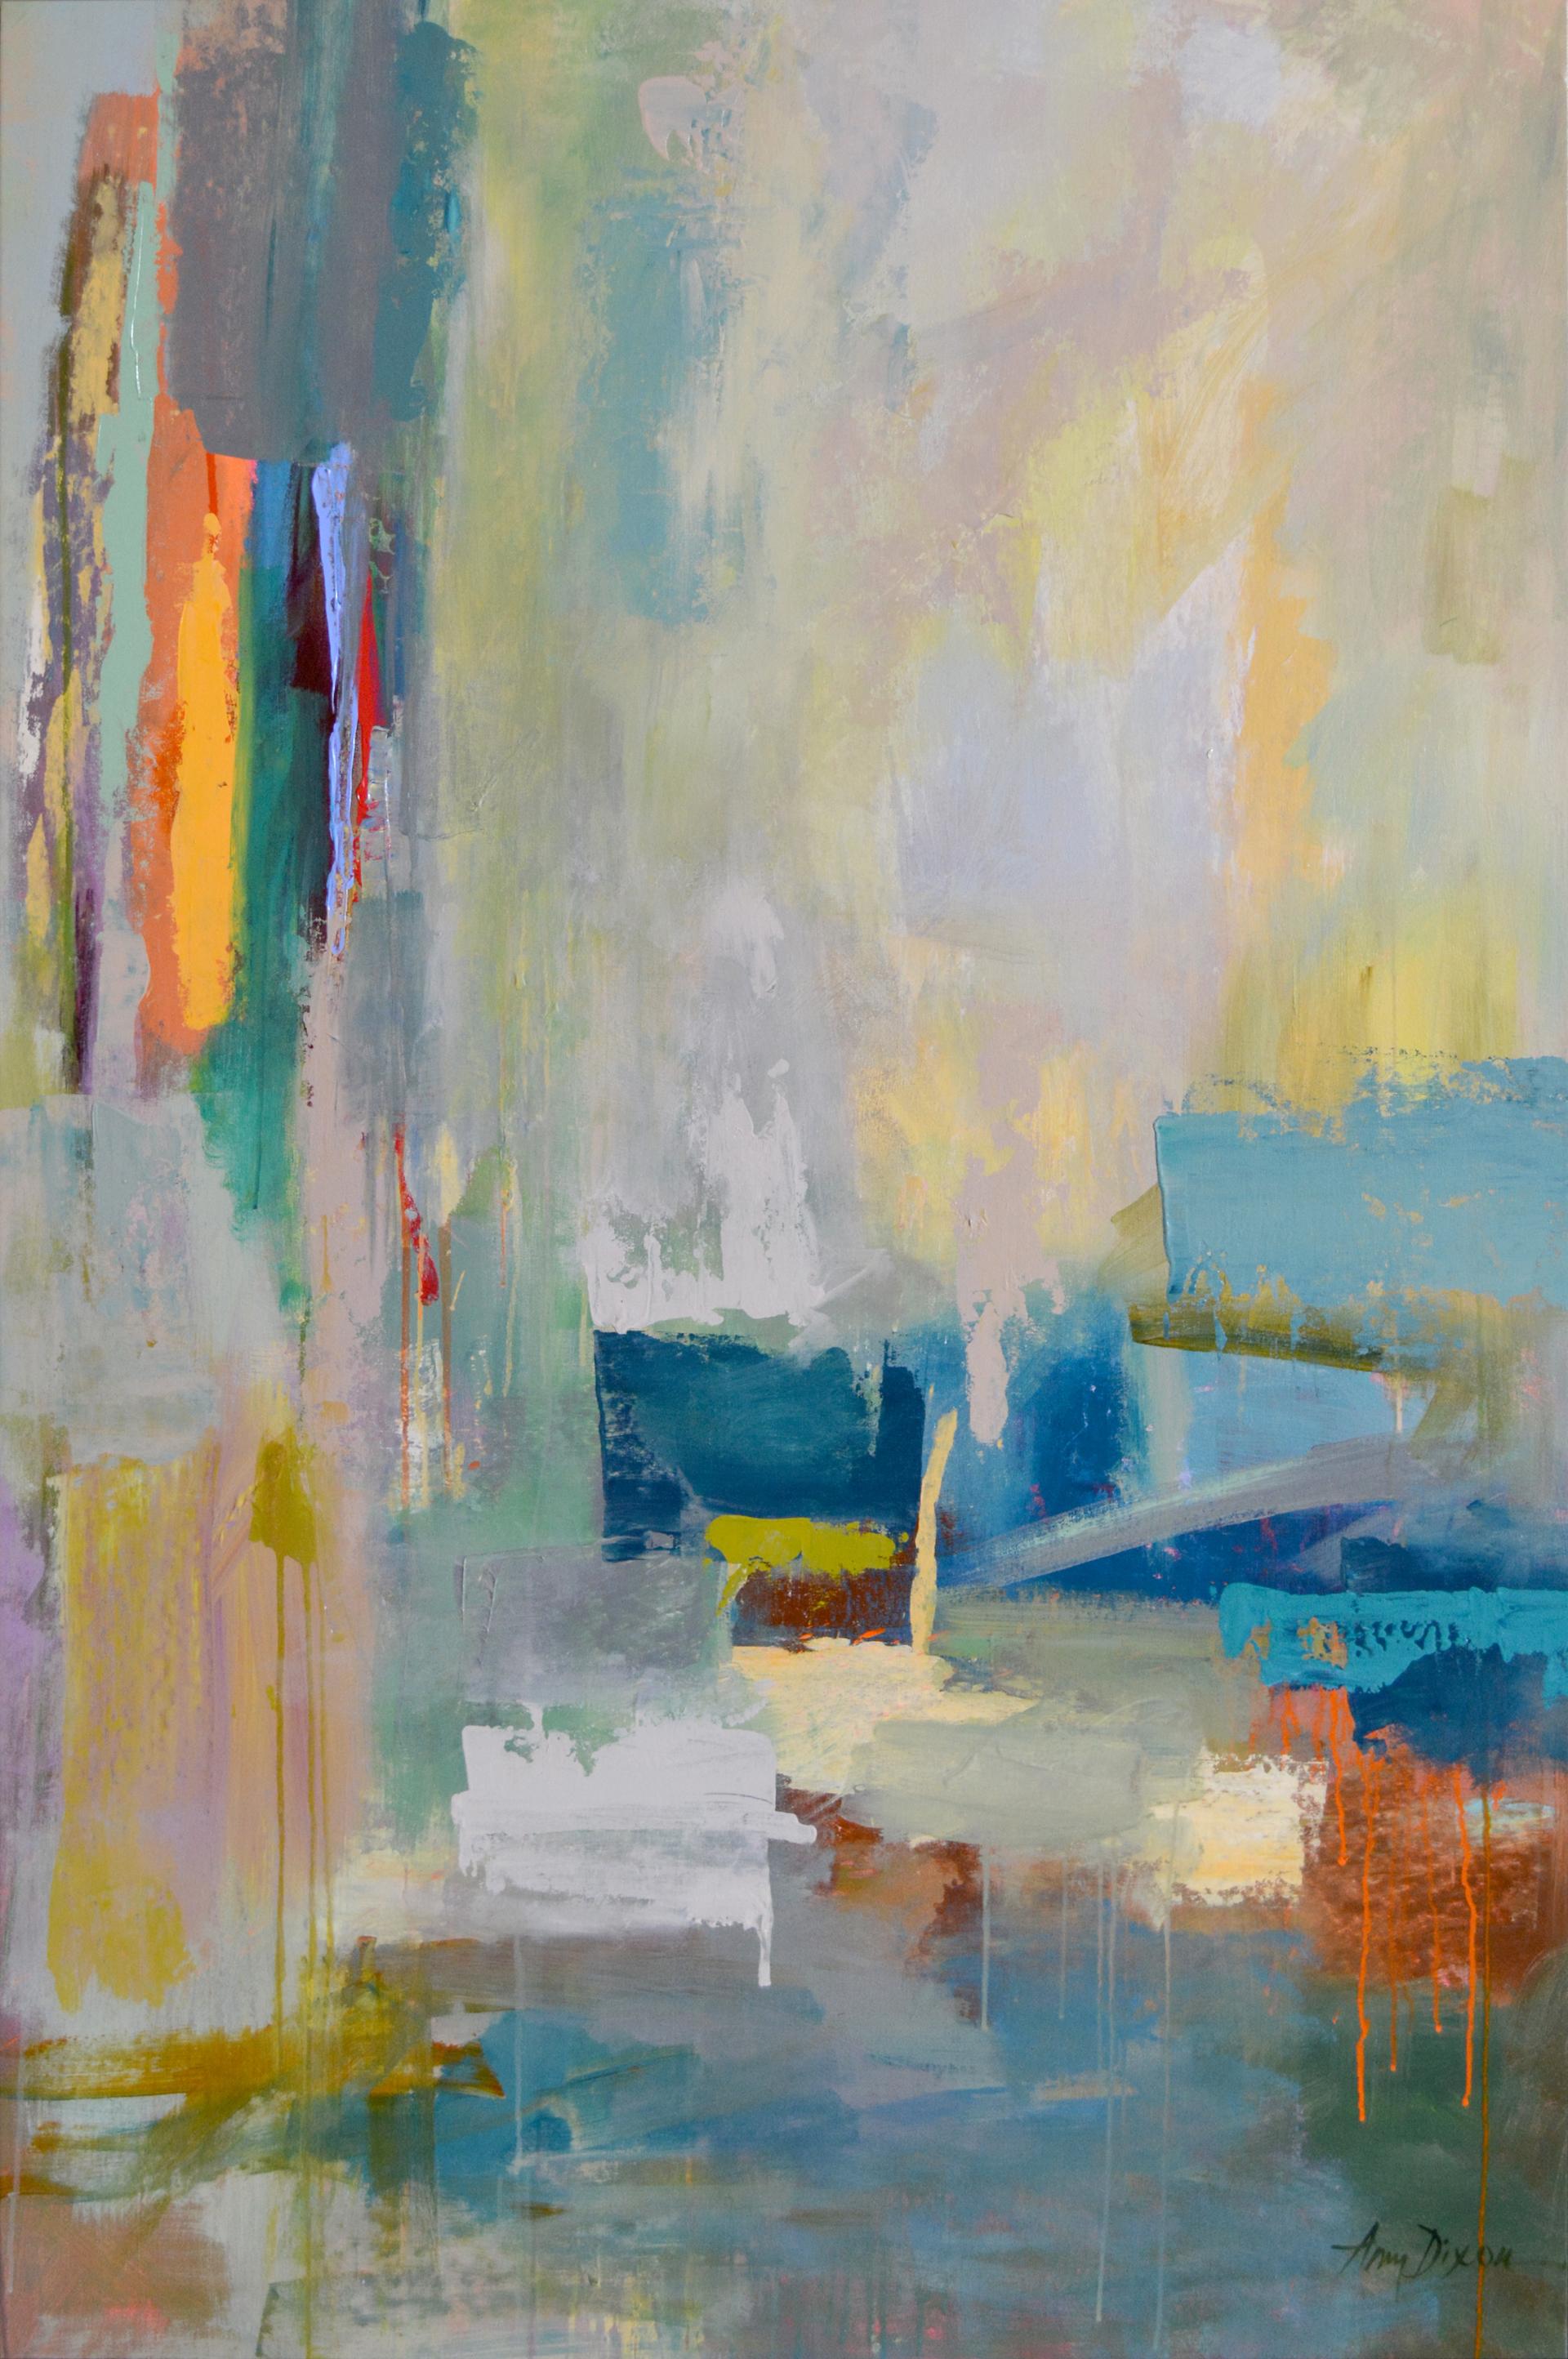 Landfall Glimpse by Amy Dixon